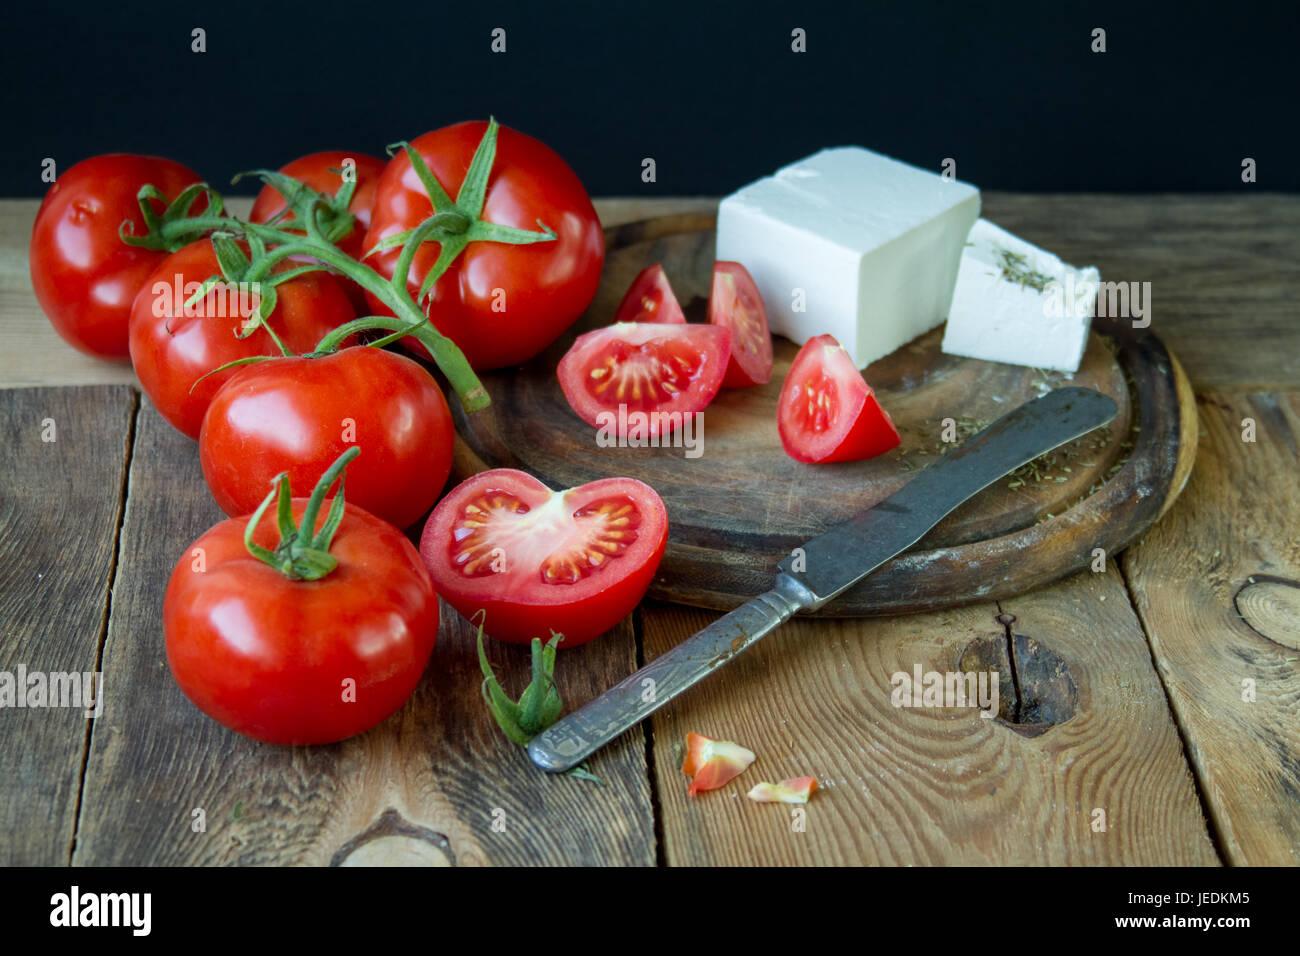 Les tomates et fromage grec blanc sur une planche de bois. Photo Stock